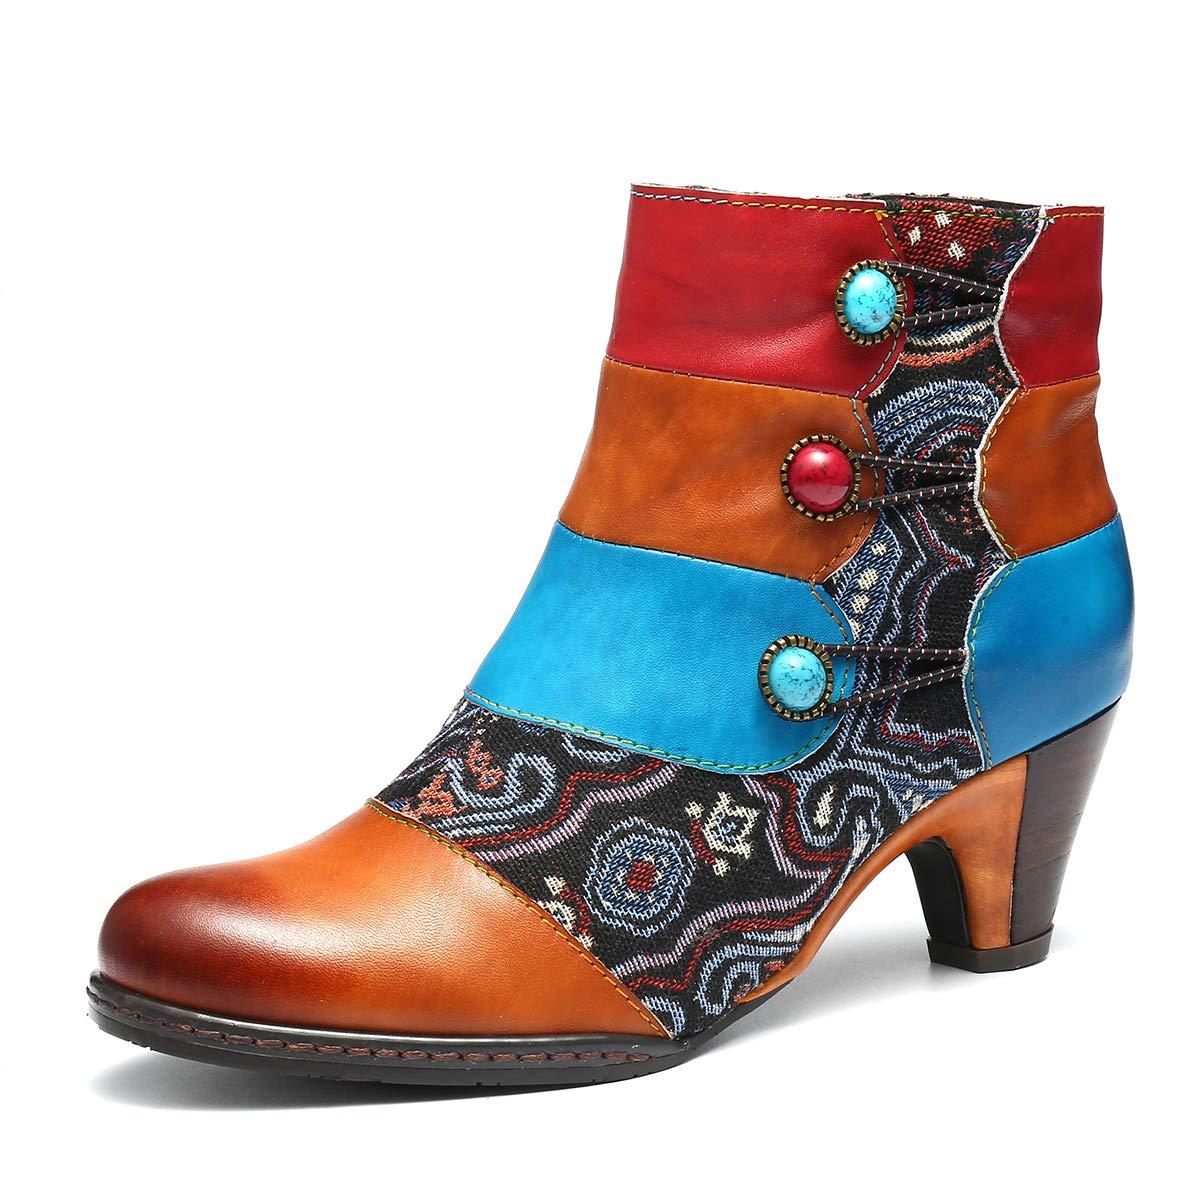 gracosy Botines de Mujer 2019 Cuero Invierno Tacon Alto Moda Urbana Suela Blanda En El Medio Martín Botas Botines Chelsea Botas de Nieve Diseño Original ...